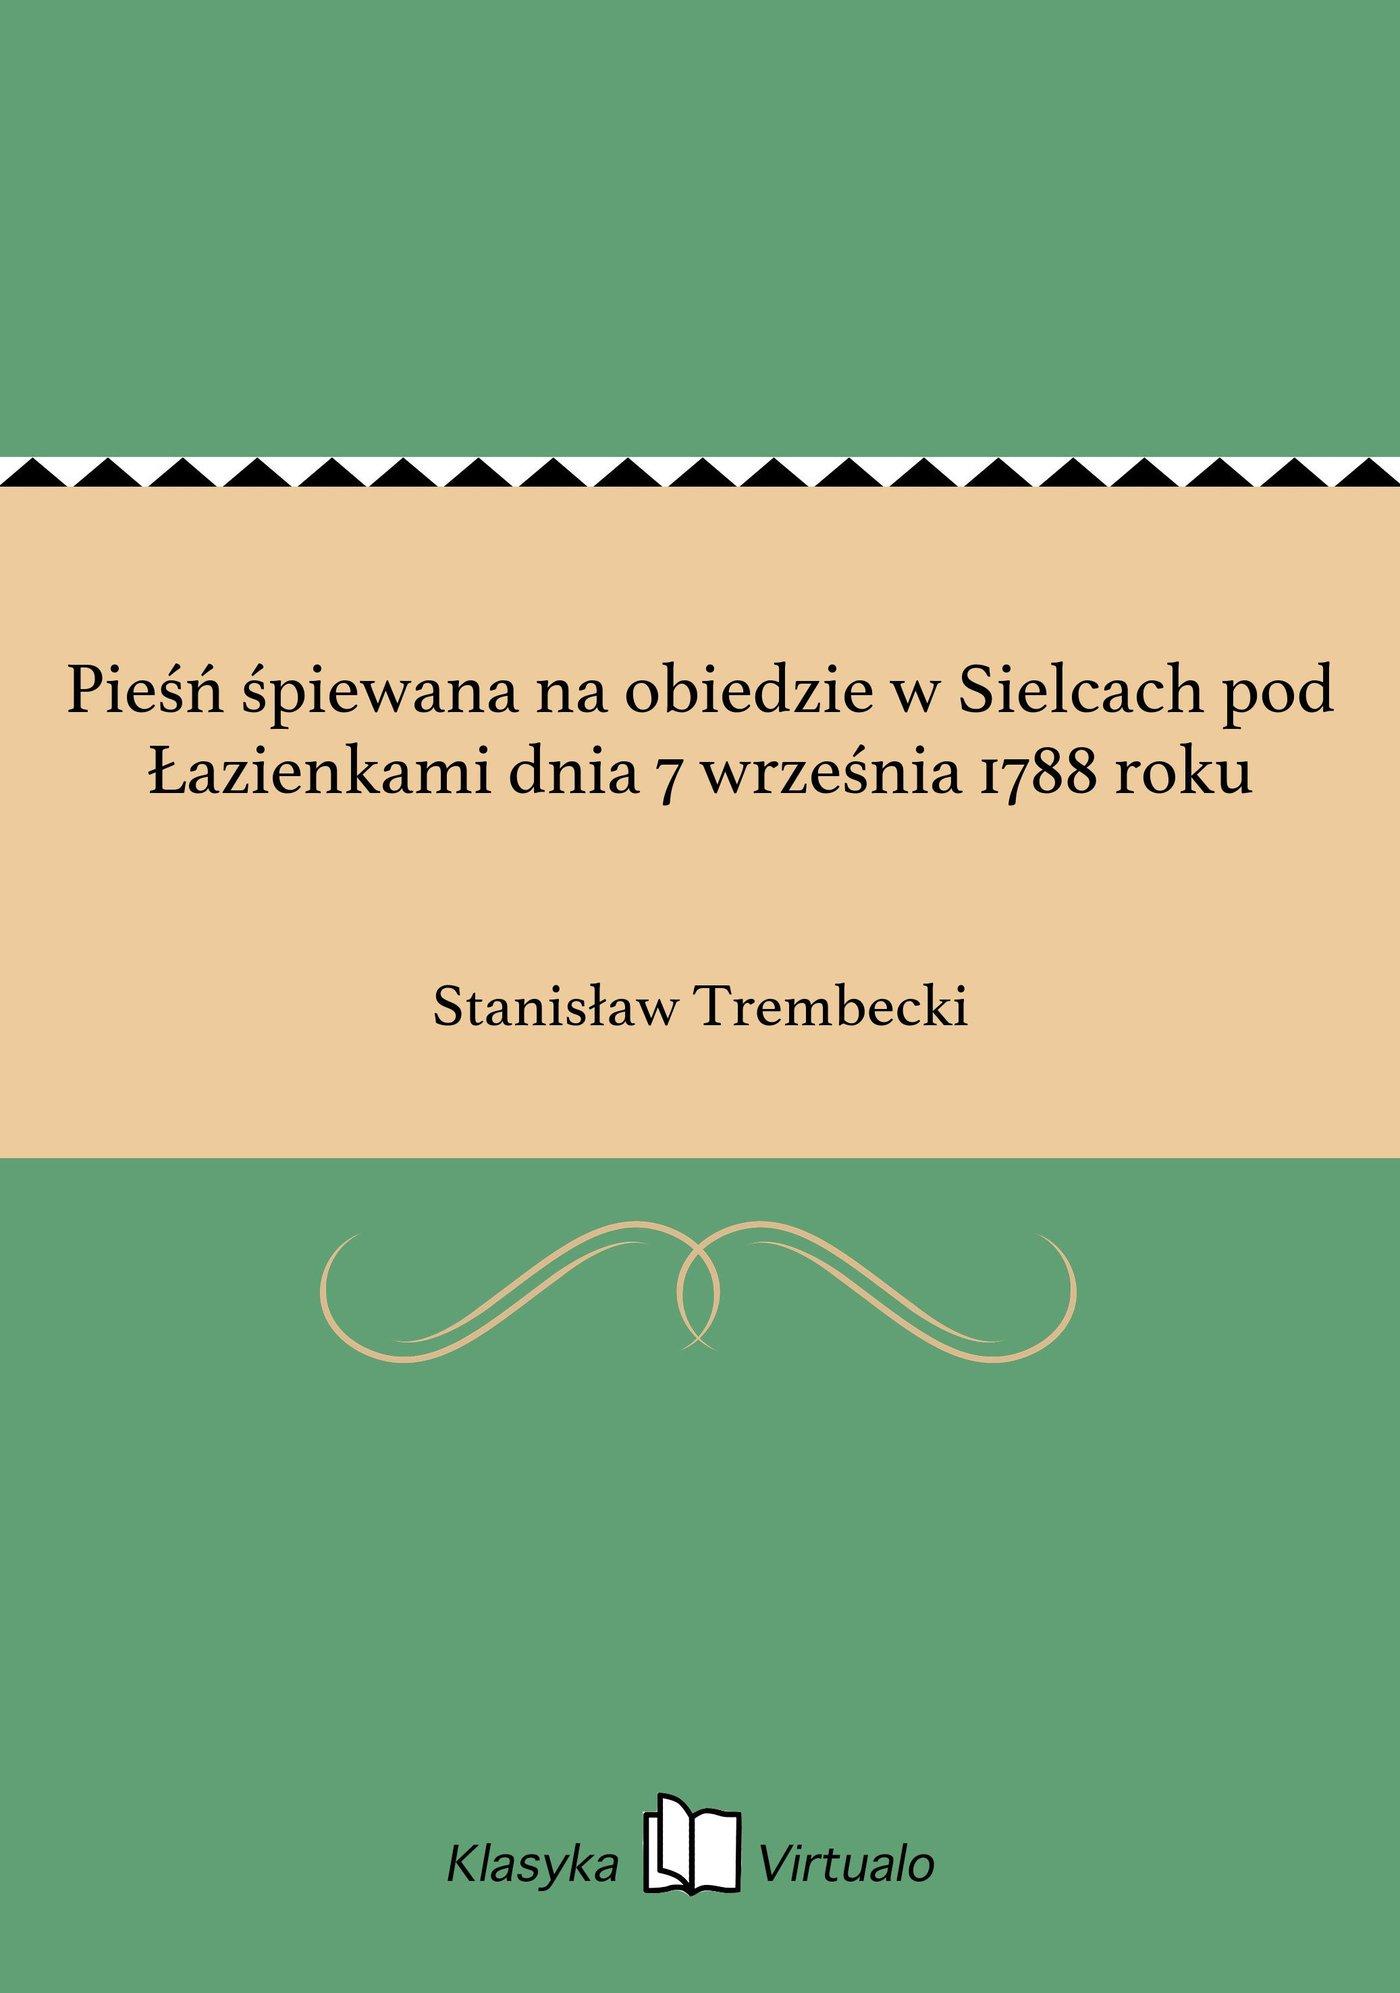 Pieśń śpiewana na obiedzie w Sielcach pod Łazienkami dnia 7 września 1788 roku - Ebook (Książka EPUB) do pobrania w formacie EPUB